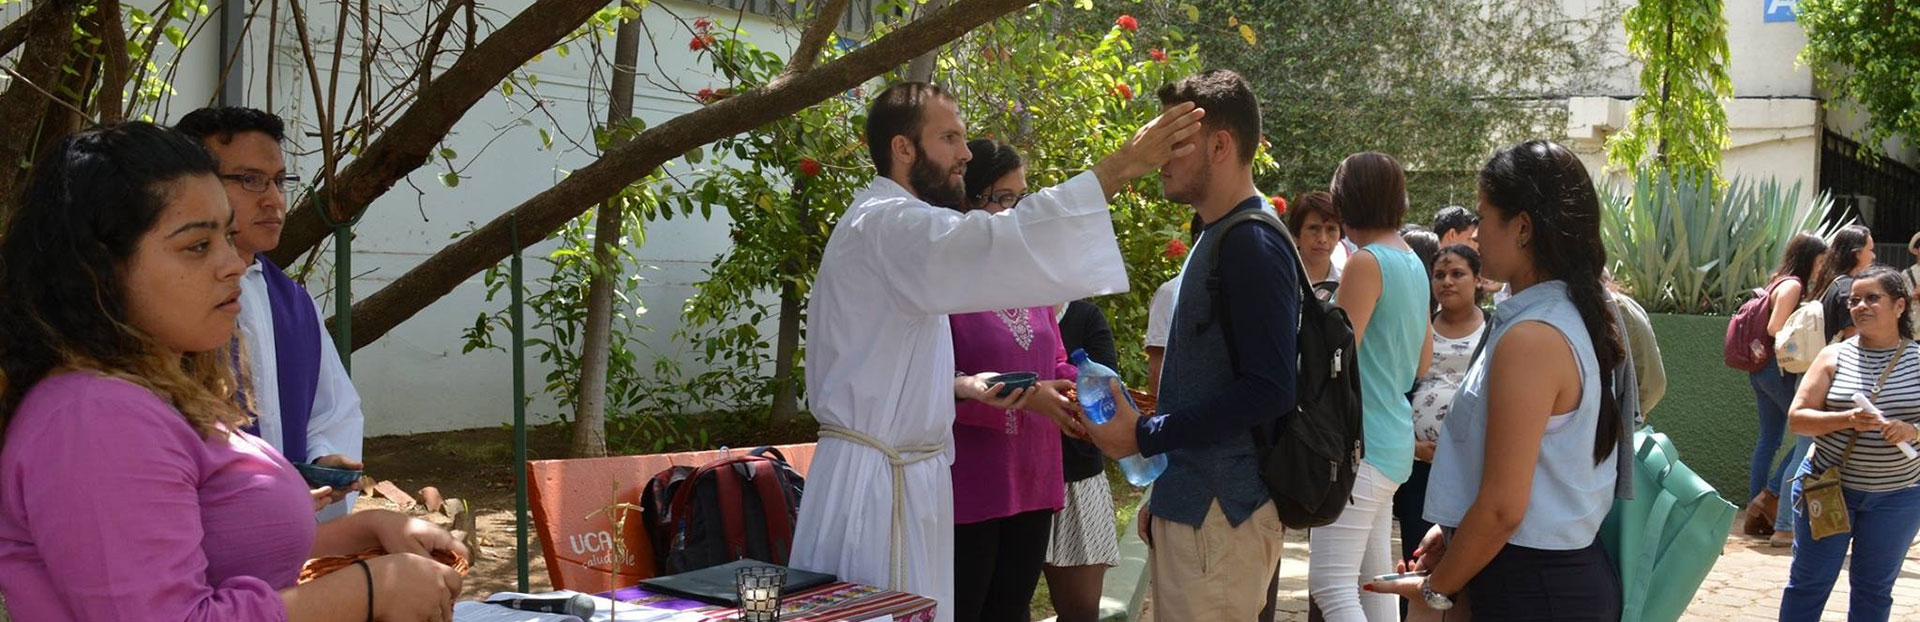 Per rispondere alla chiamata vocazionale, rivolgersi a San Giuseppe